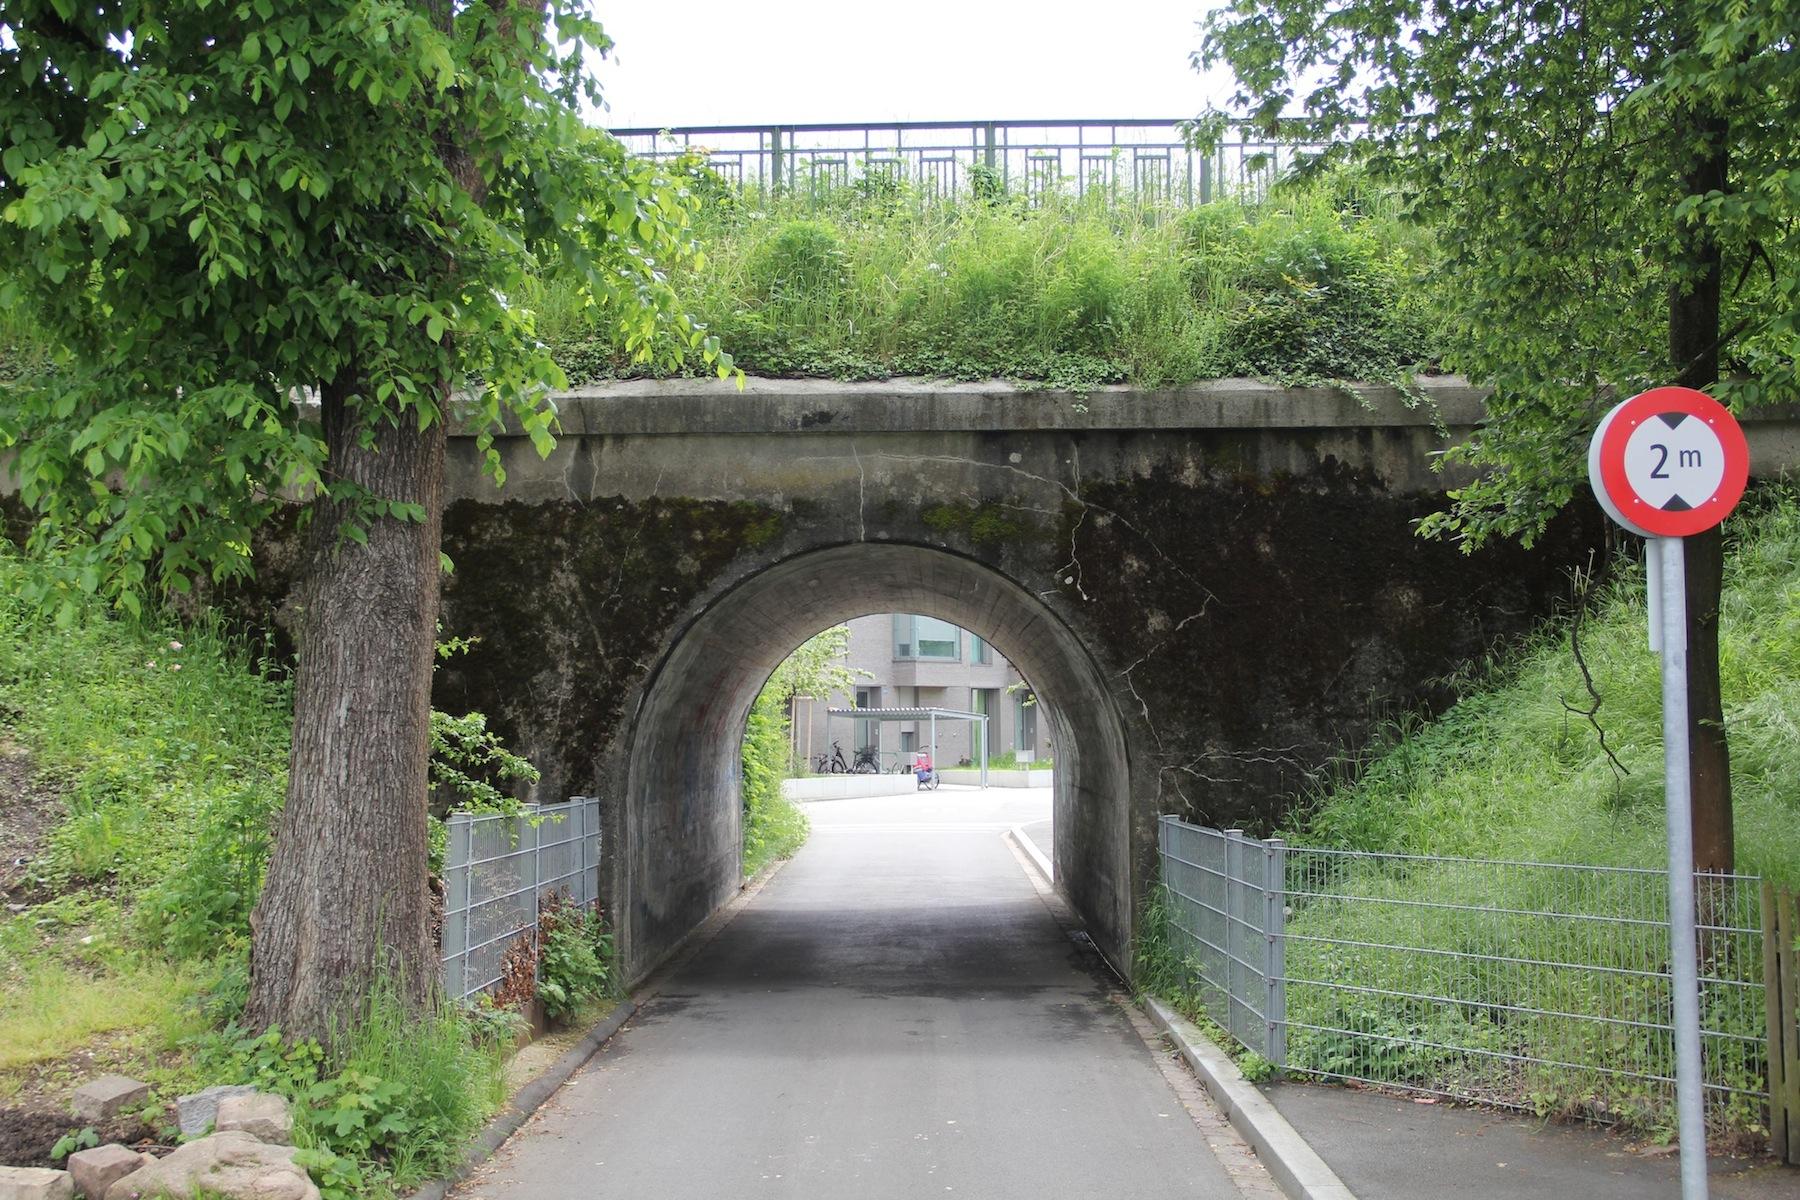 Verwildert, doch vor Verwaldung geschützt: Die Bahndämme der DB prägen das Stadtbild im Hirzbrunnen-Quartier - vor allem im Gebiet Schorenmatten/Im Surinam.